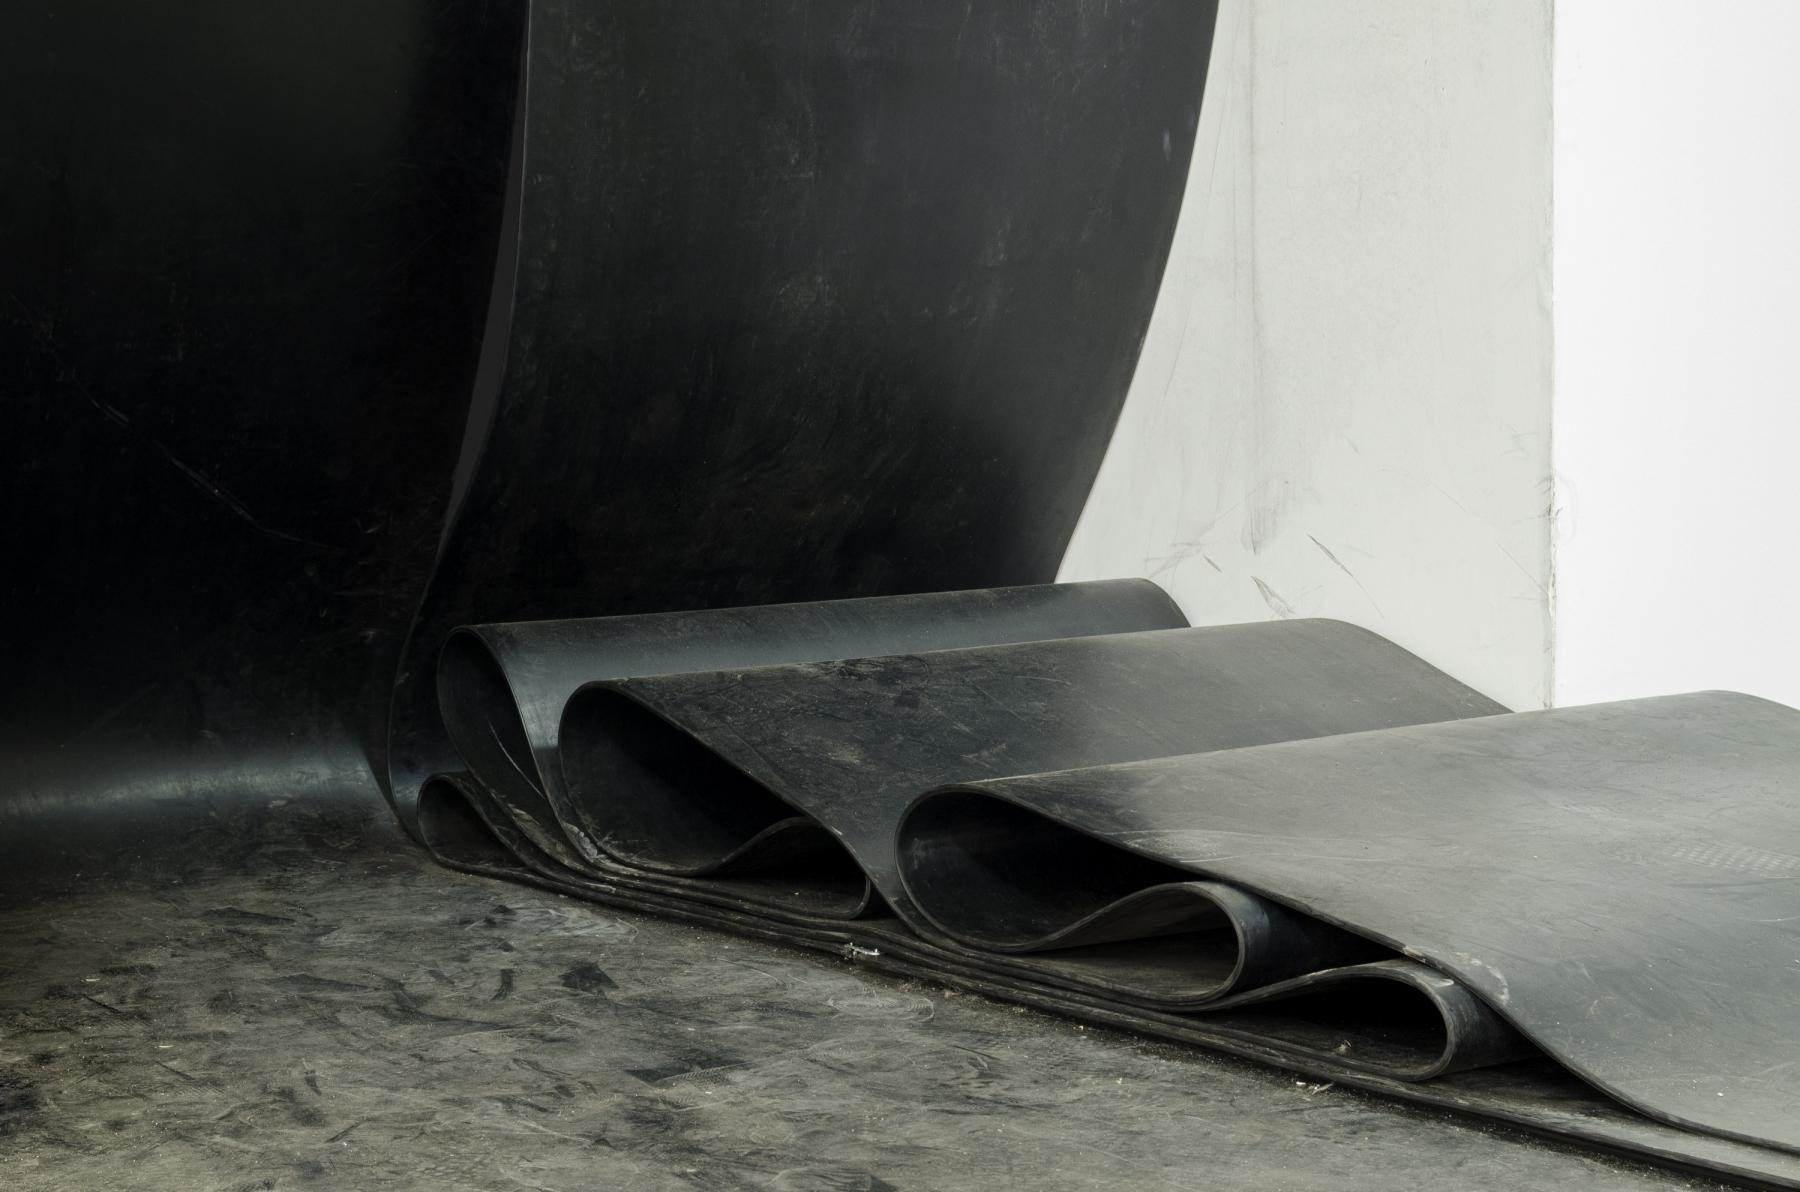 Ewa Axelrad, beztytułu, 2013, instalacja, pasy pędne gumowe, metal